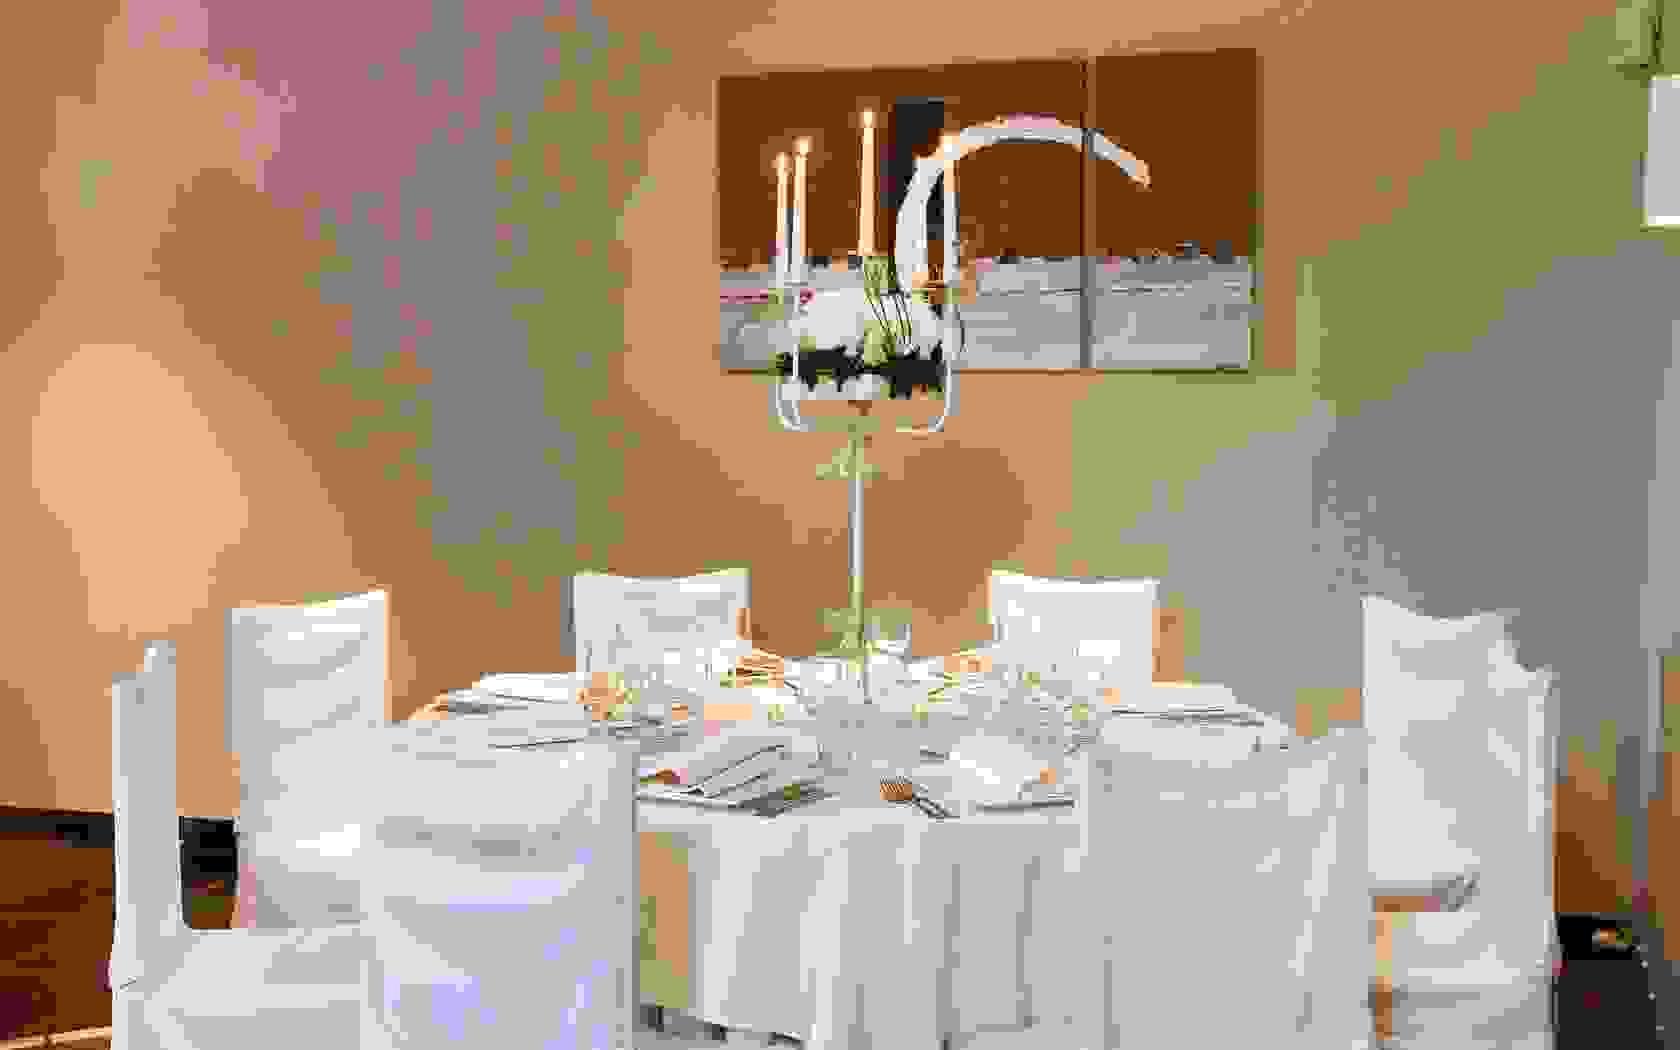 event Linter - Een luisterrijke locatie voor een event op een boogscheut van Linter - De Waterhoek